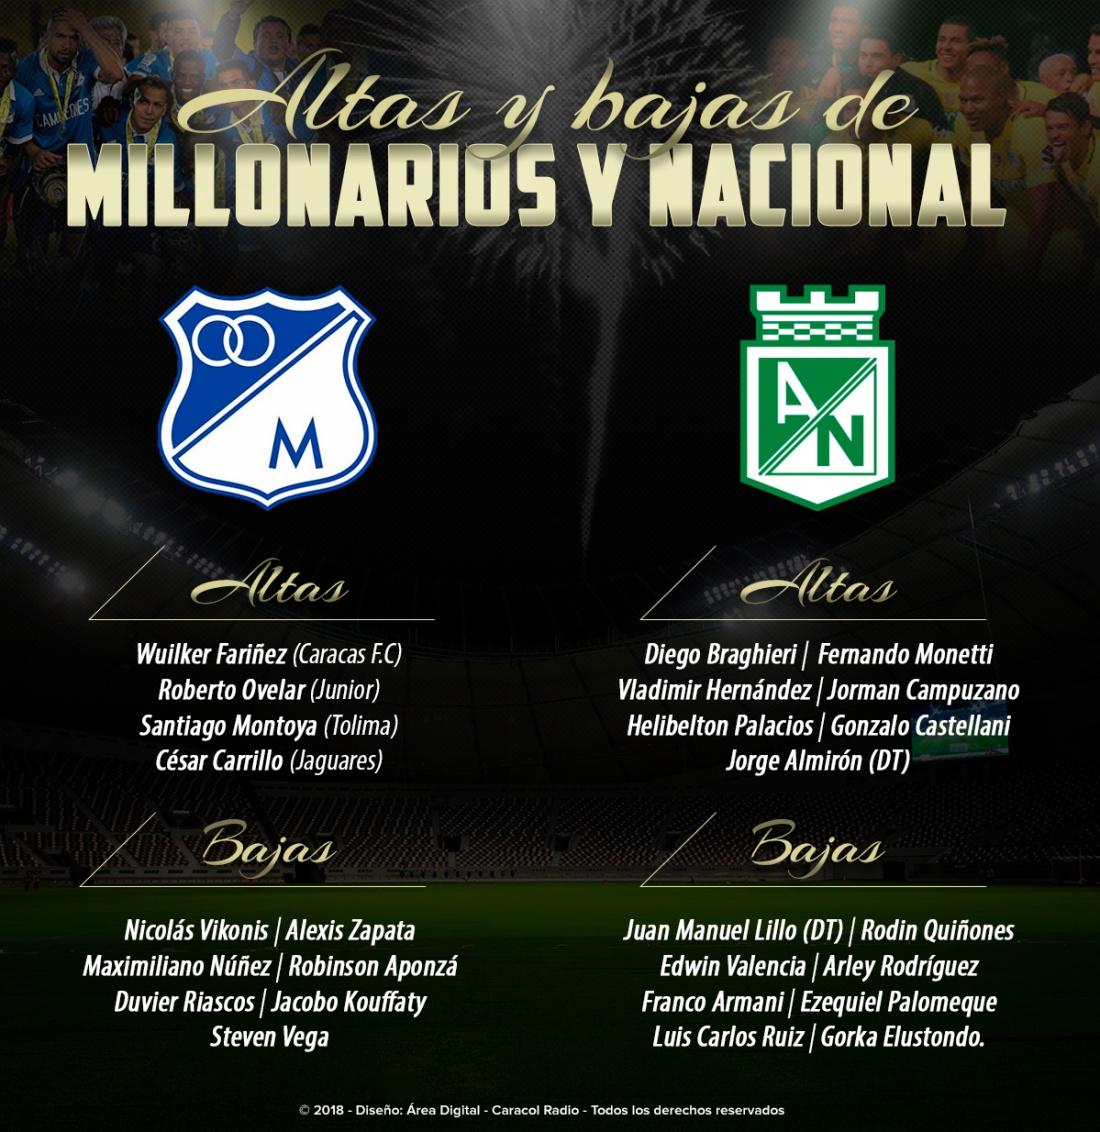 Altas bajas Nacional Millonarios Superliga: Altas y bajas: así llegan Nacional y Millonarios a la Superliga